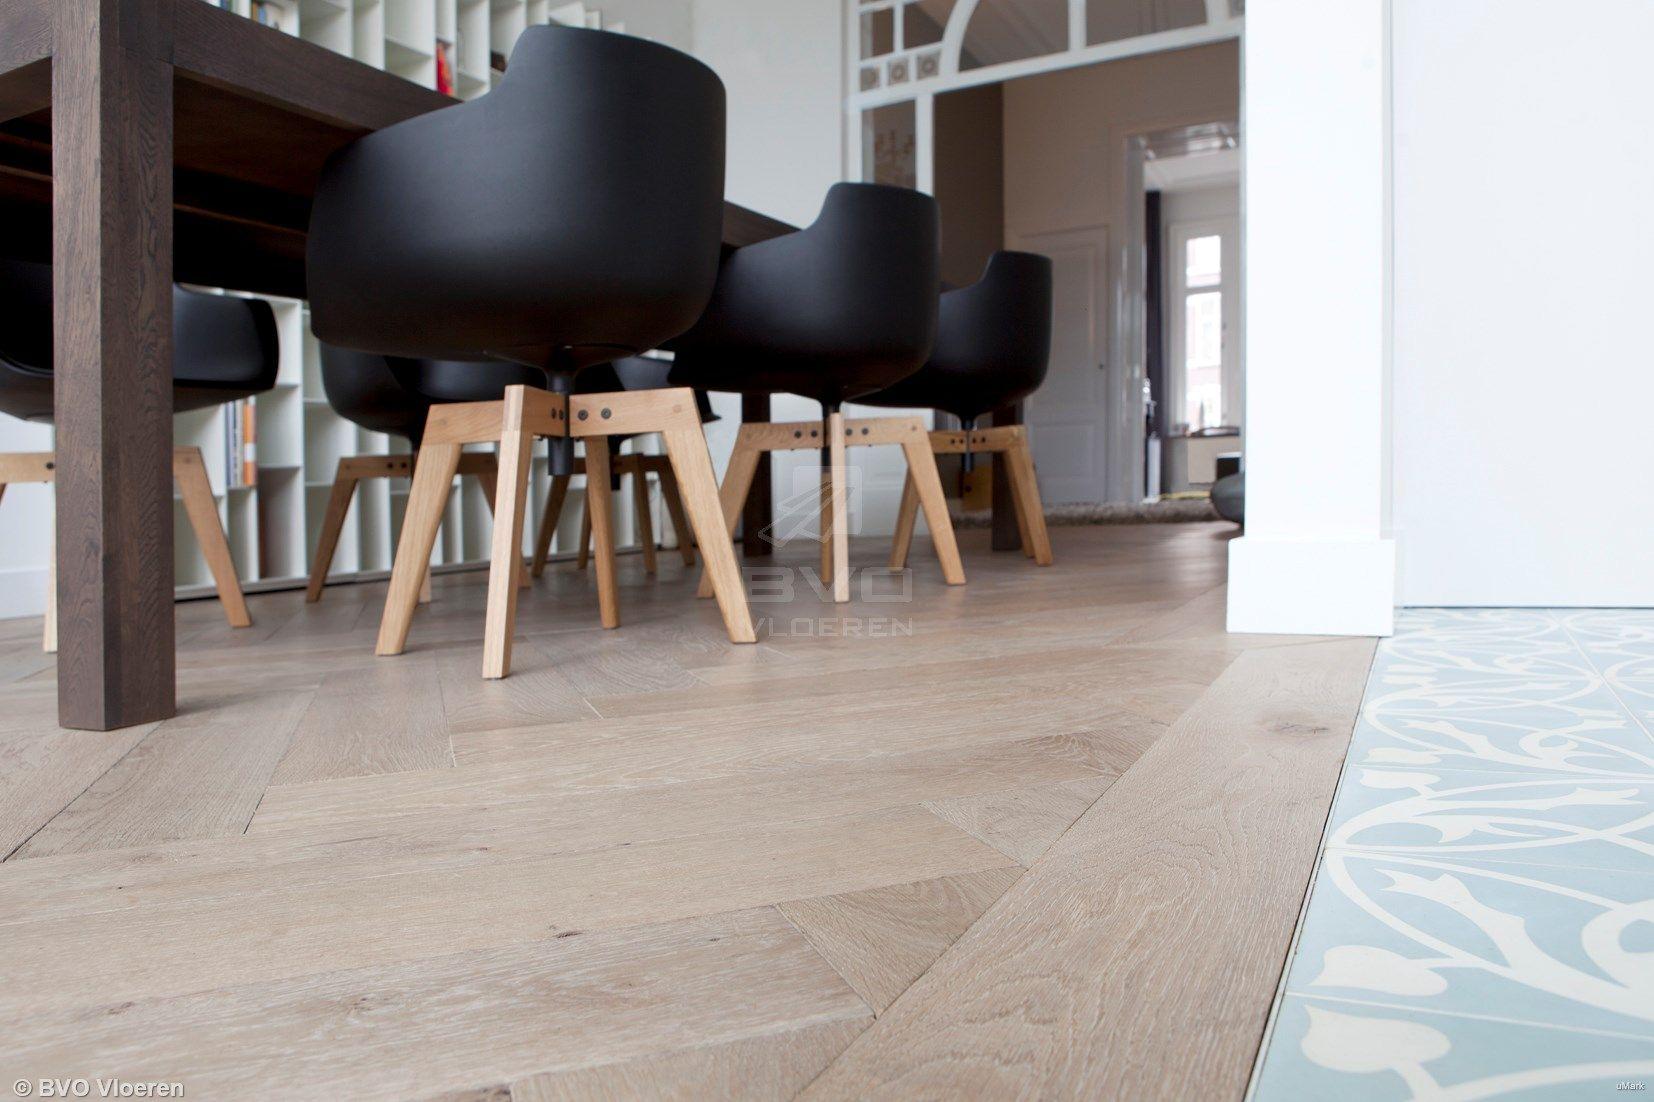 Eikenhouten Visgraat Vloer : Eiken visgraat vloer verouderd parket white wash di legno